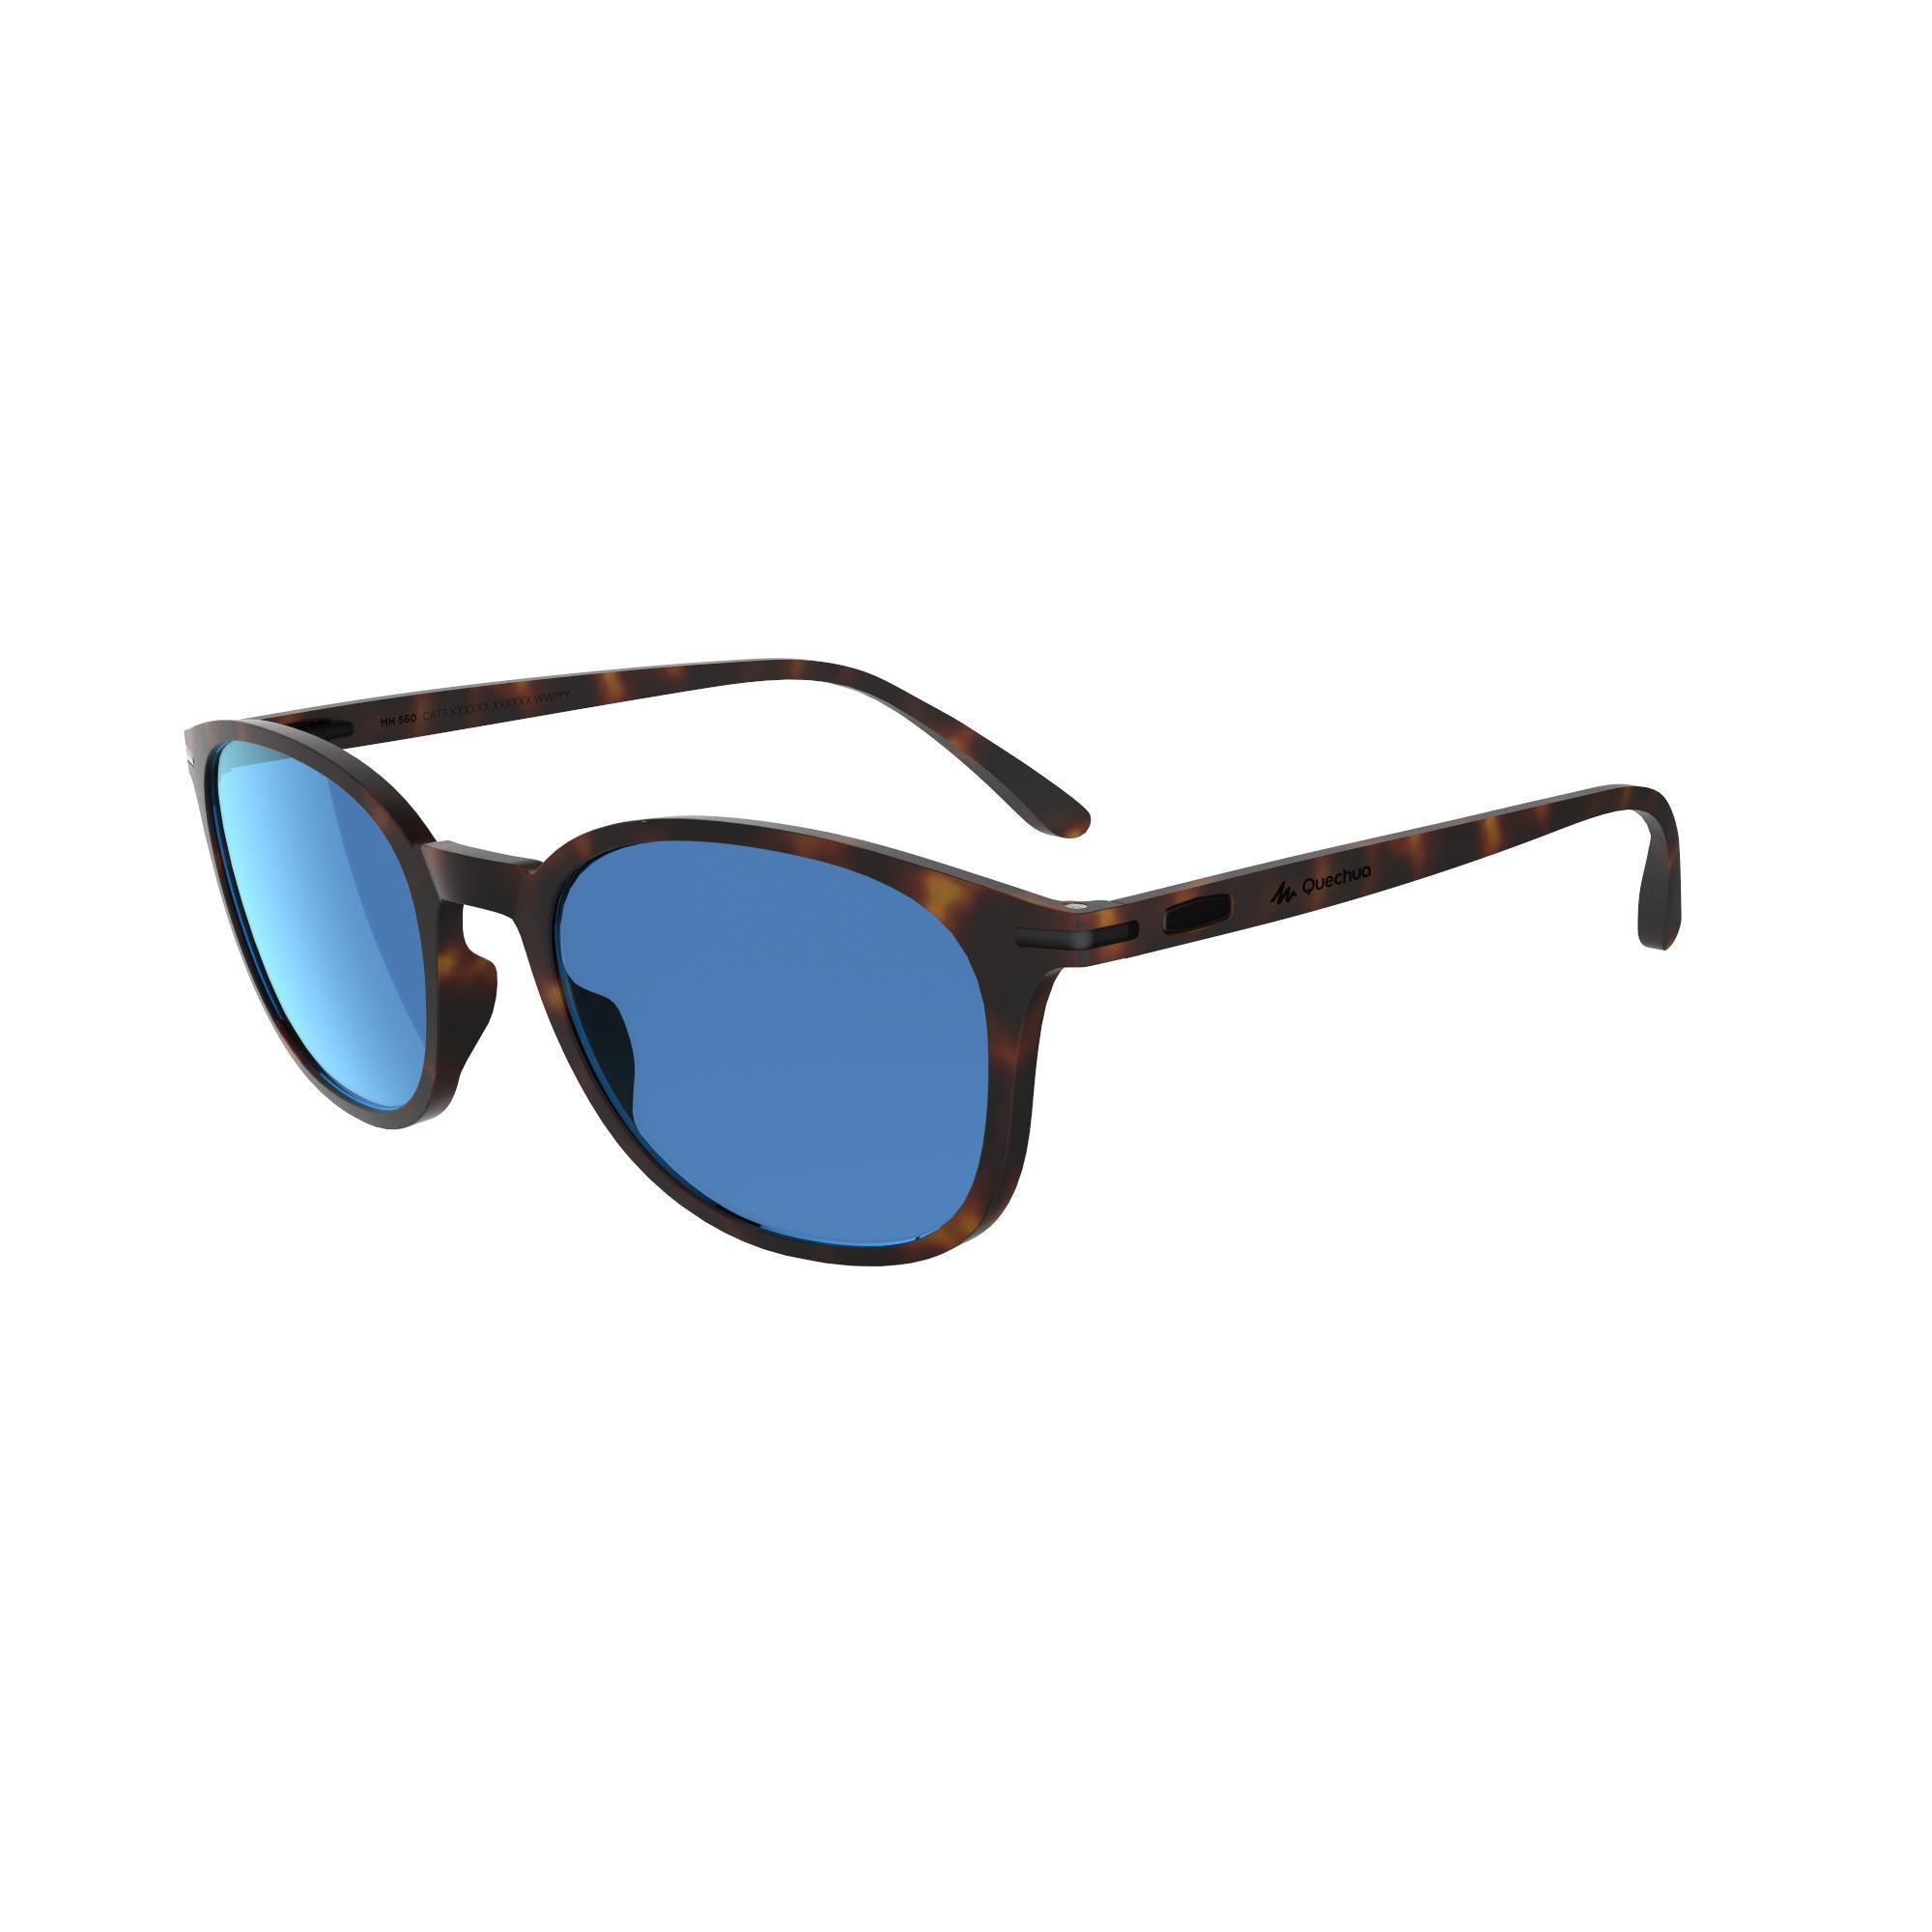 660f97028b Gafas de sol de senderismo MH160 marrón y azul categoría 3 Quechua    Decathlon